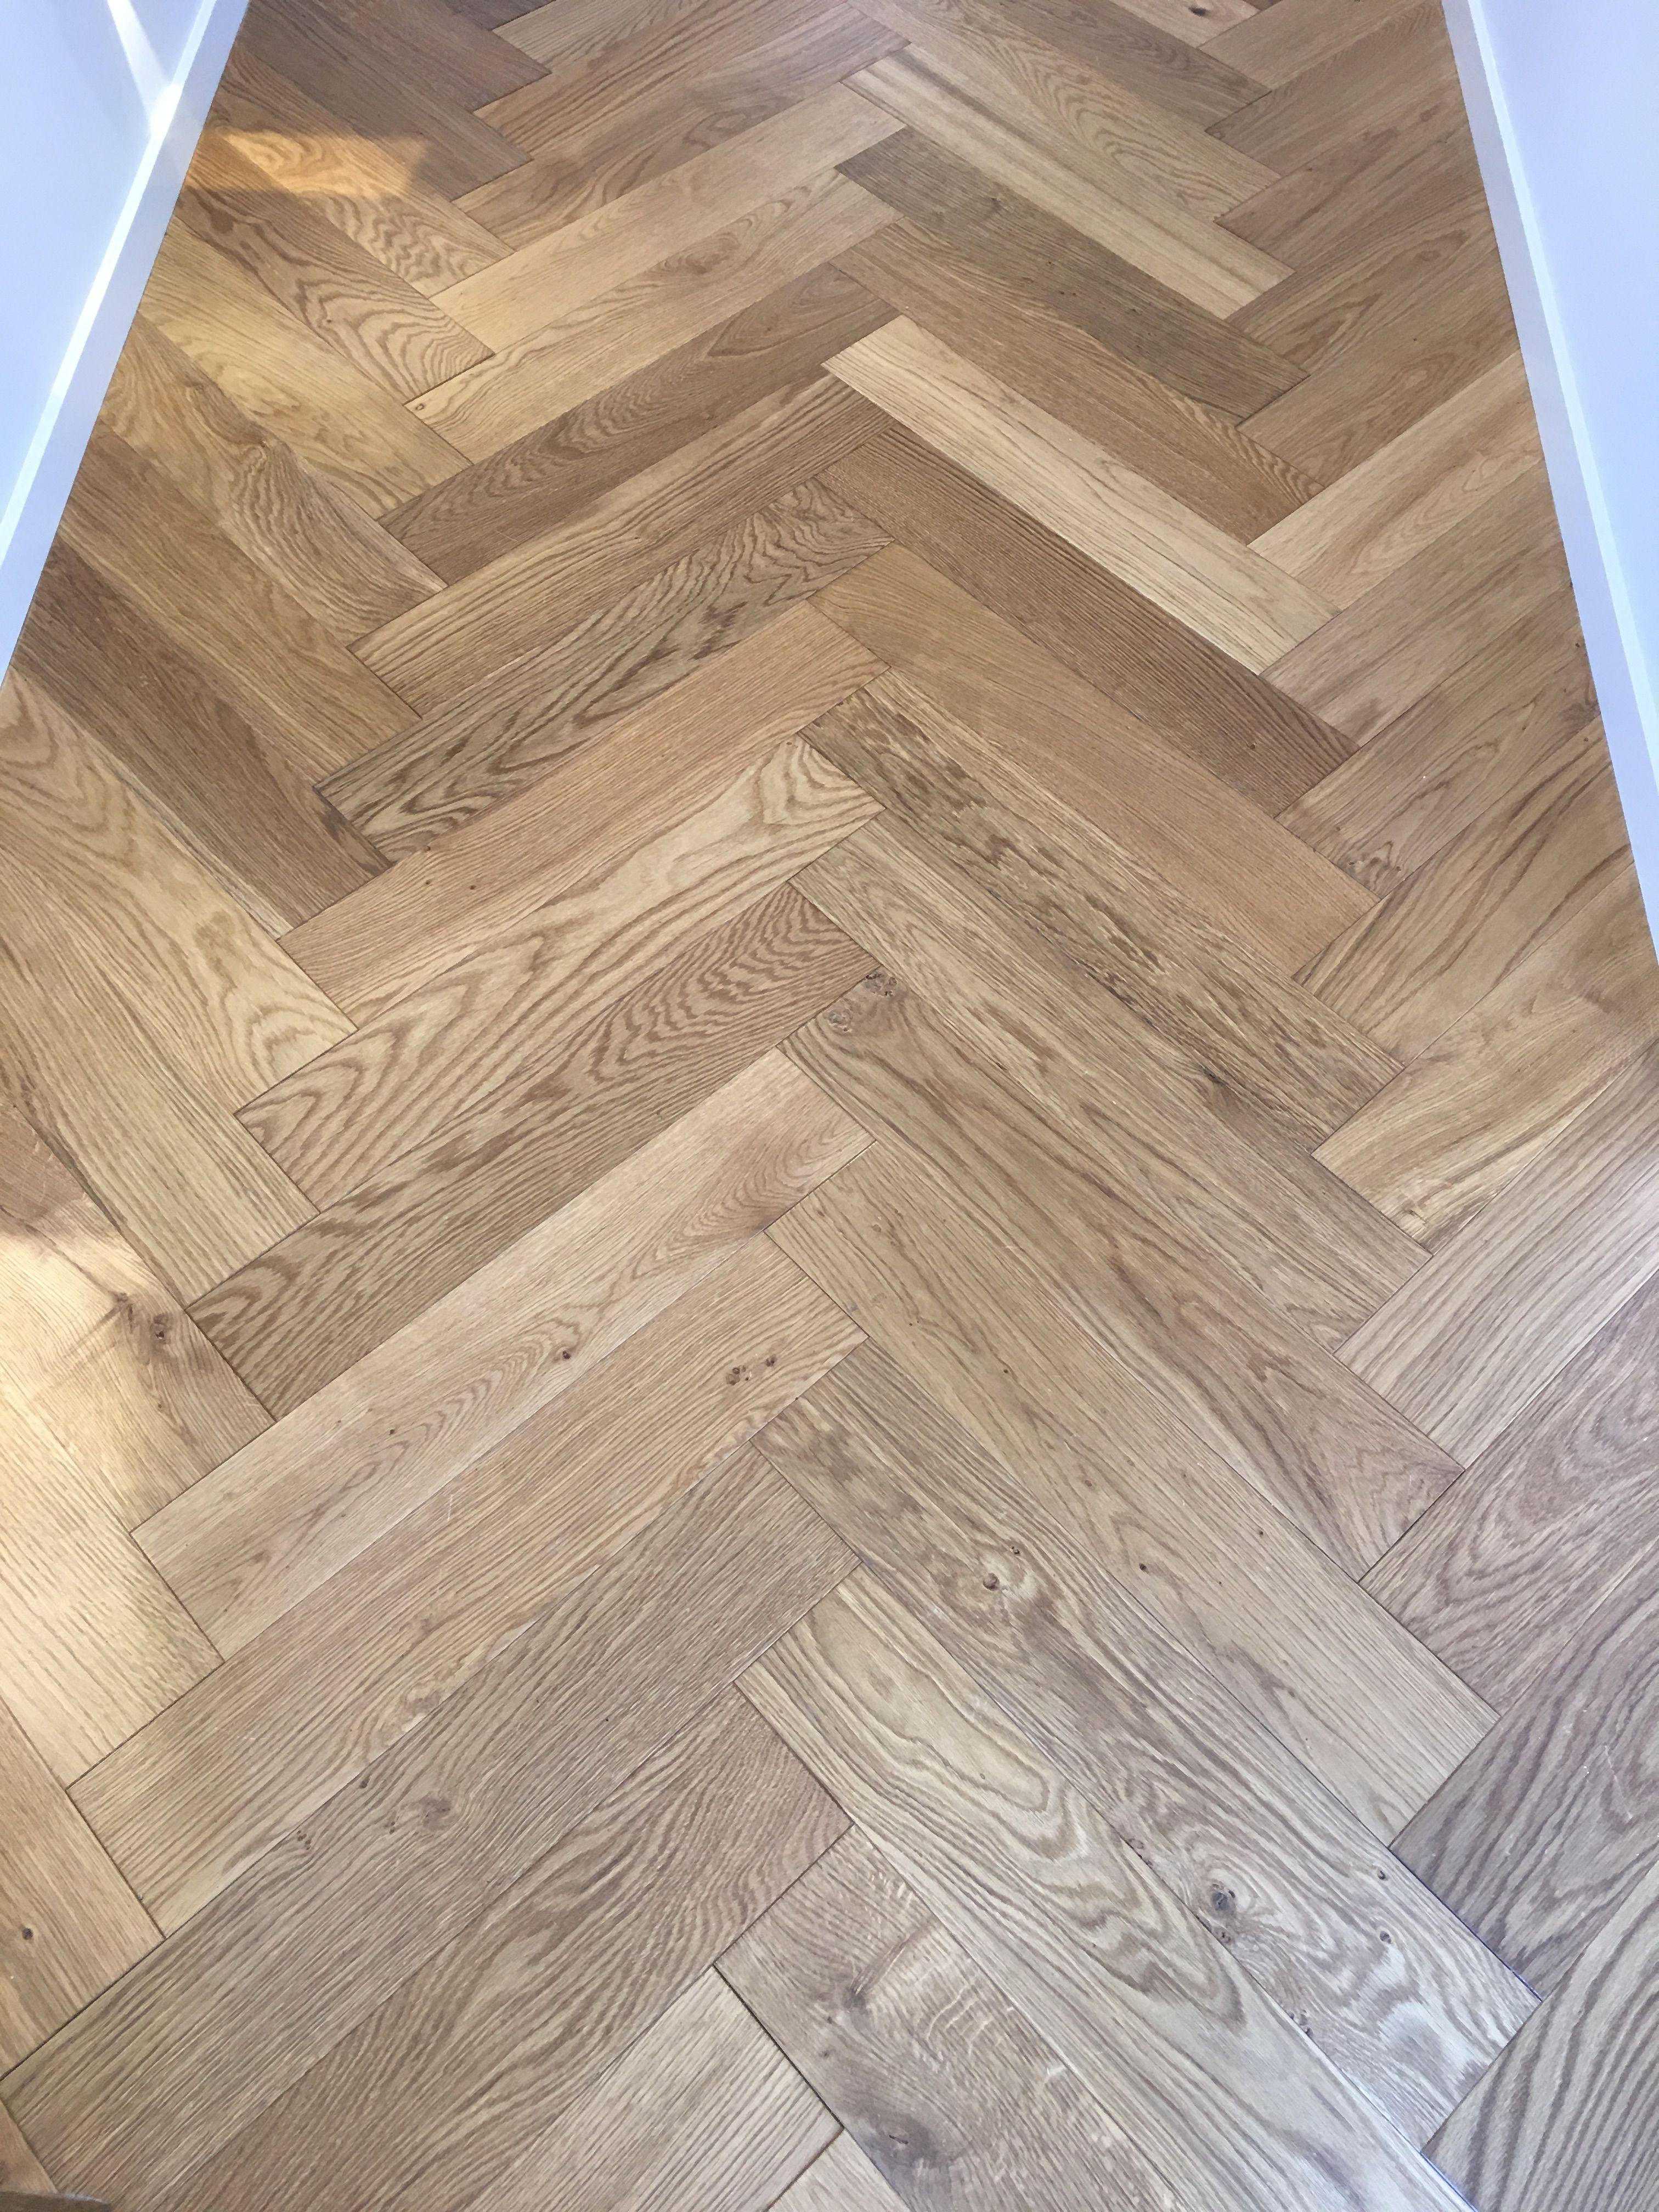 Herringbone laminate flooring ️ whitewash grey